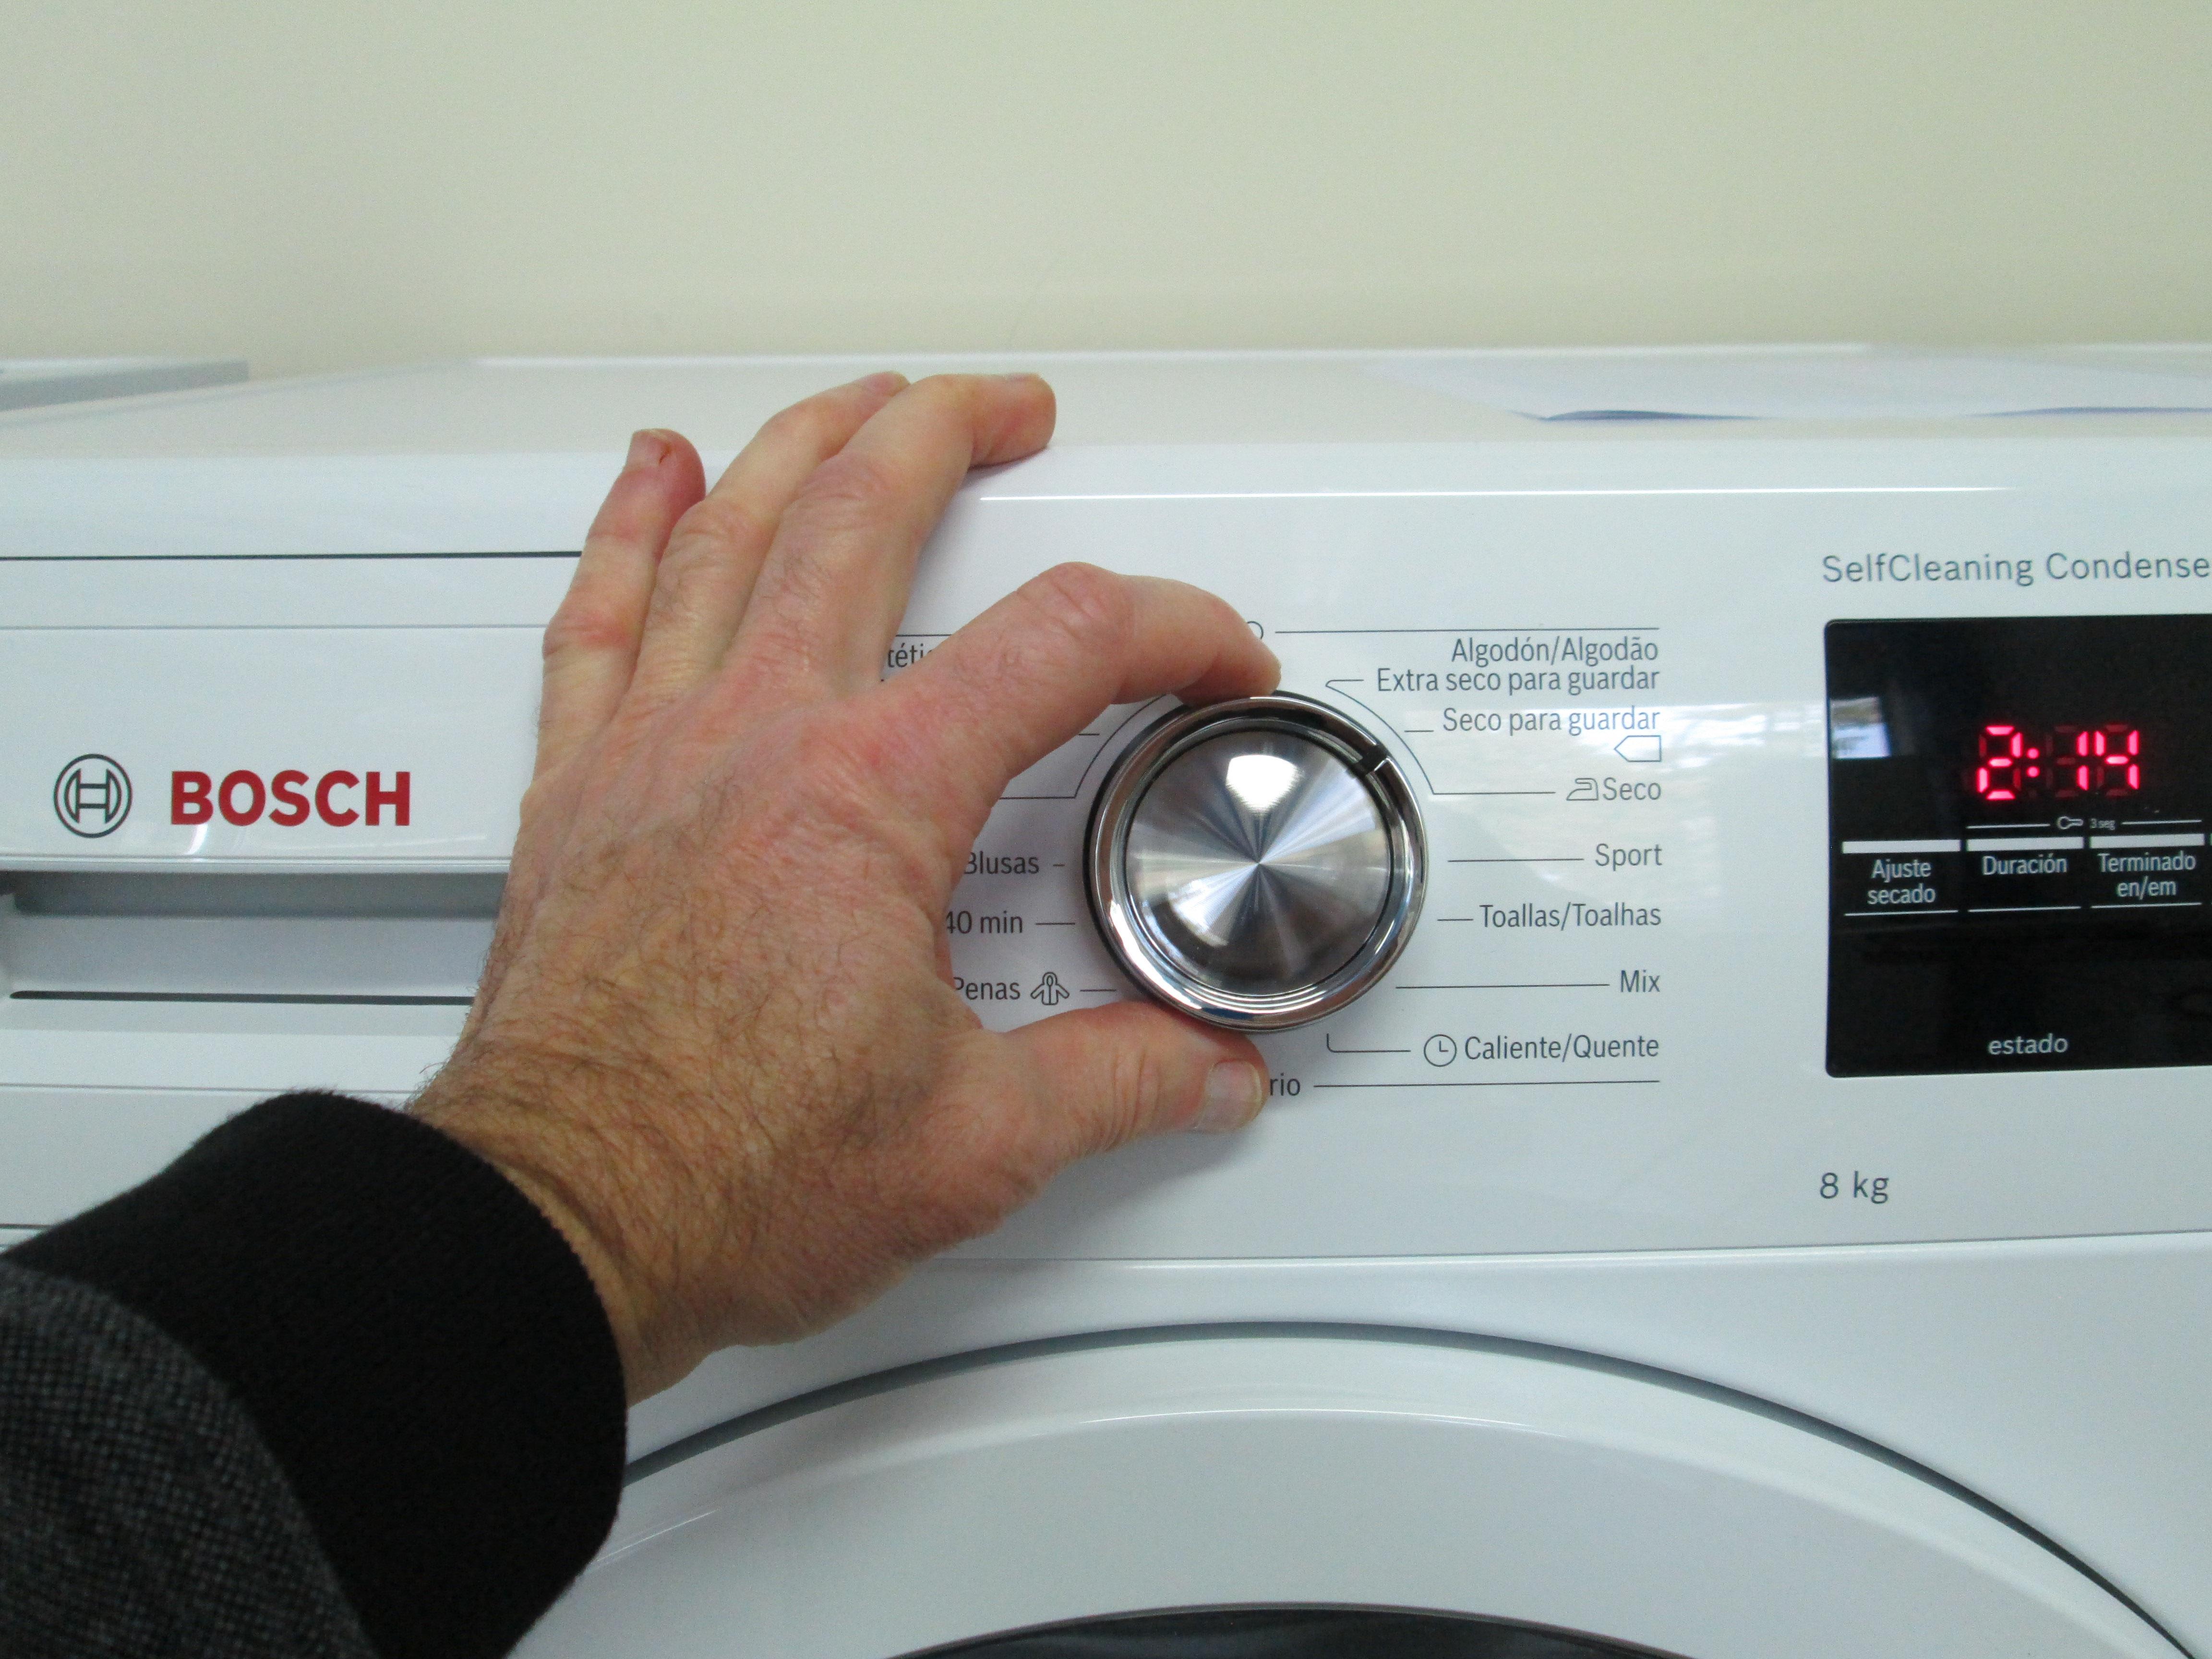 Analisis De Bosch Wtg87238ee 05 Comparador De Secadoras Ocu